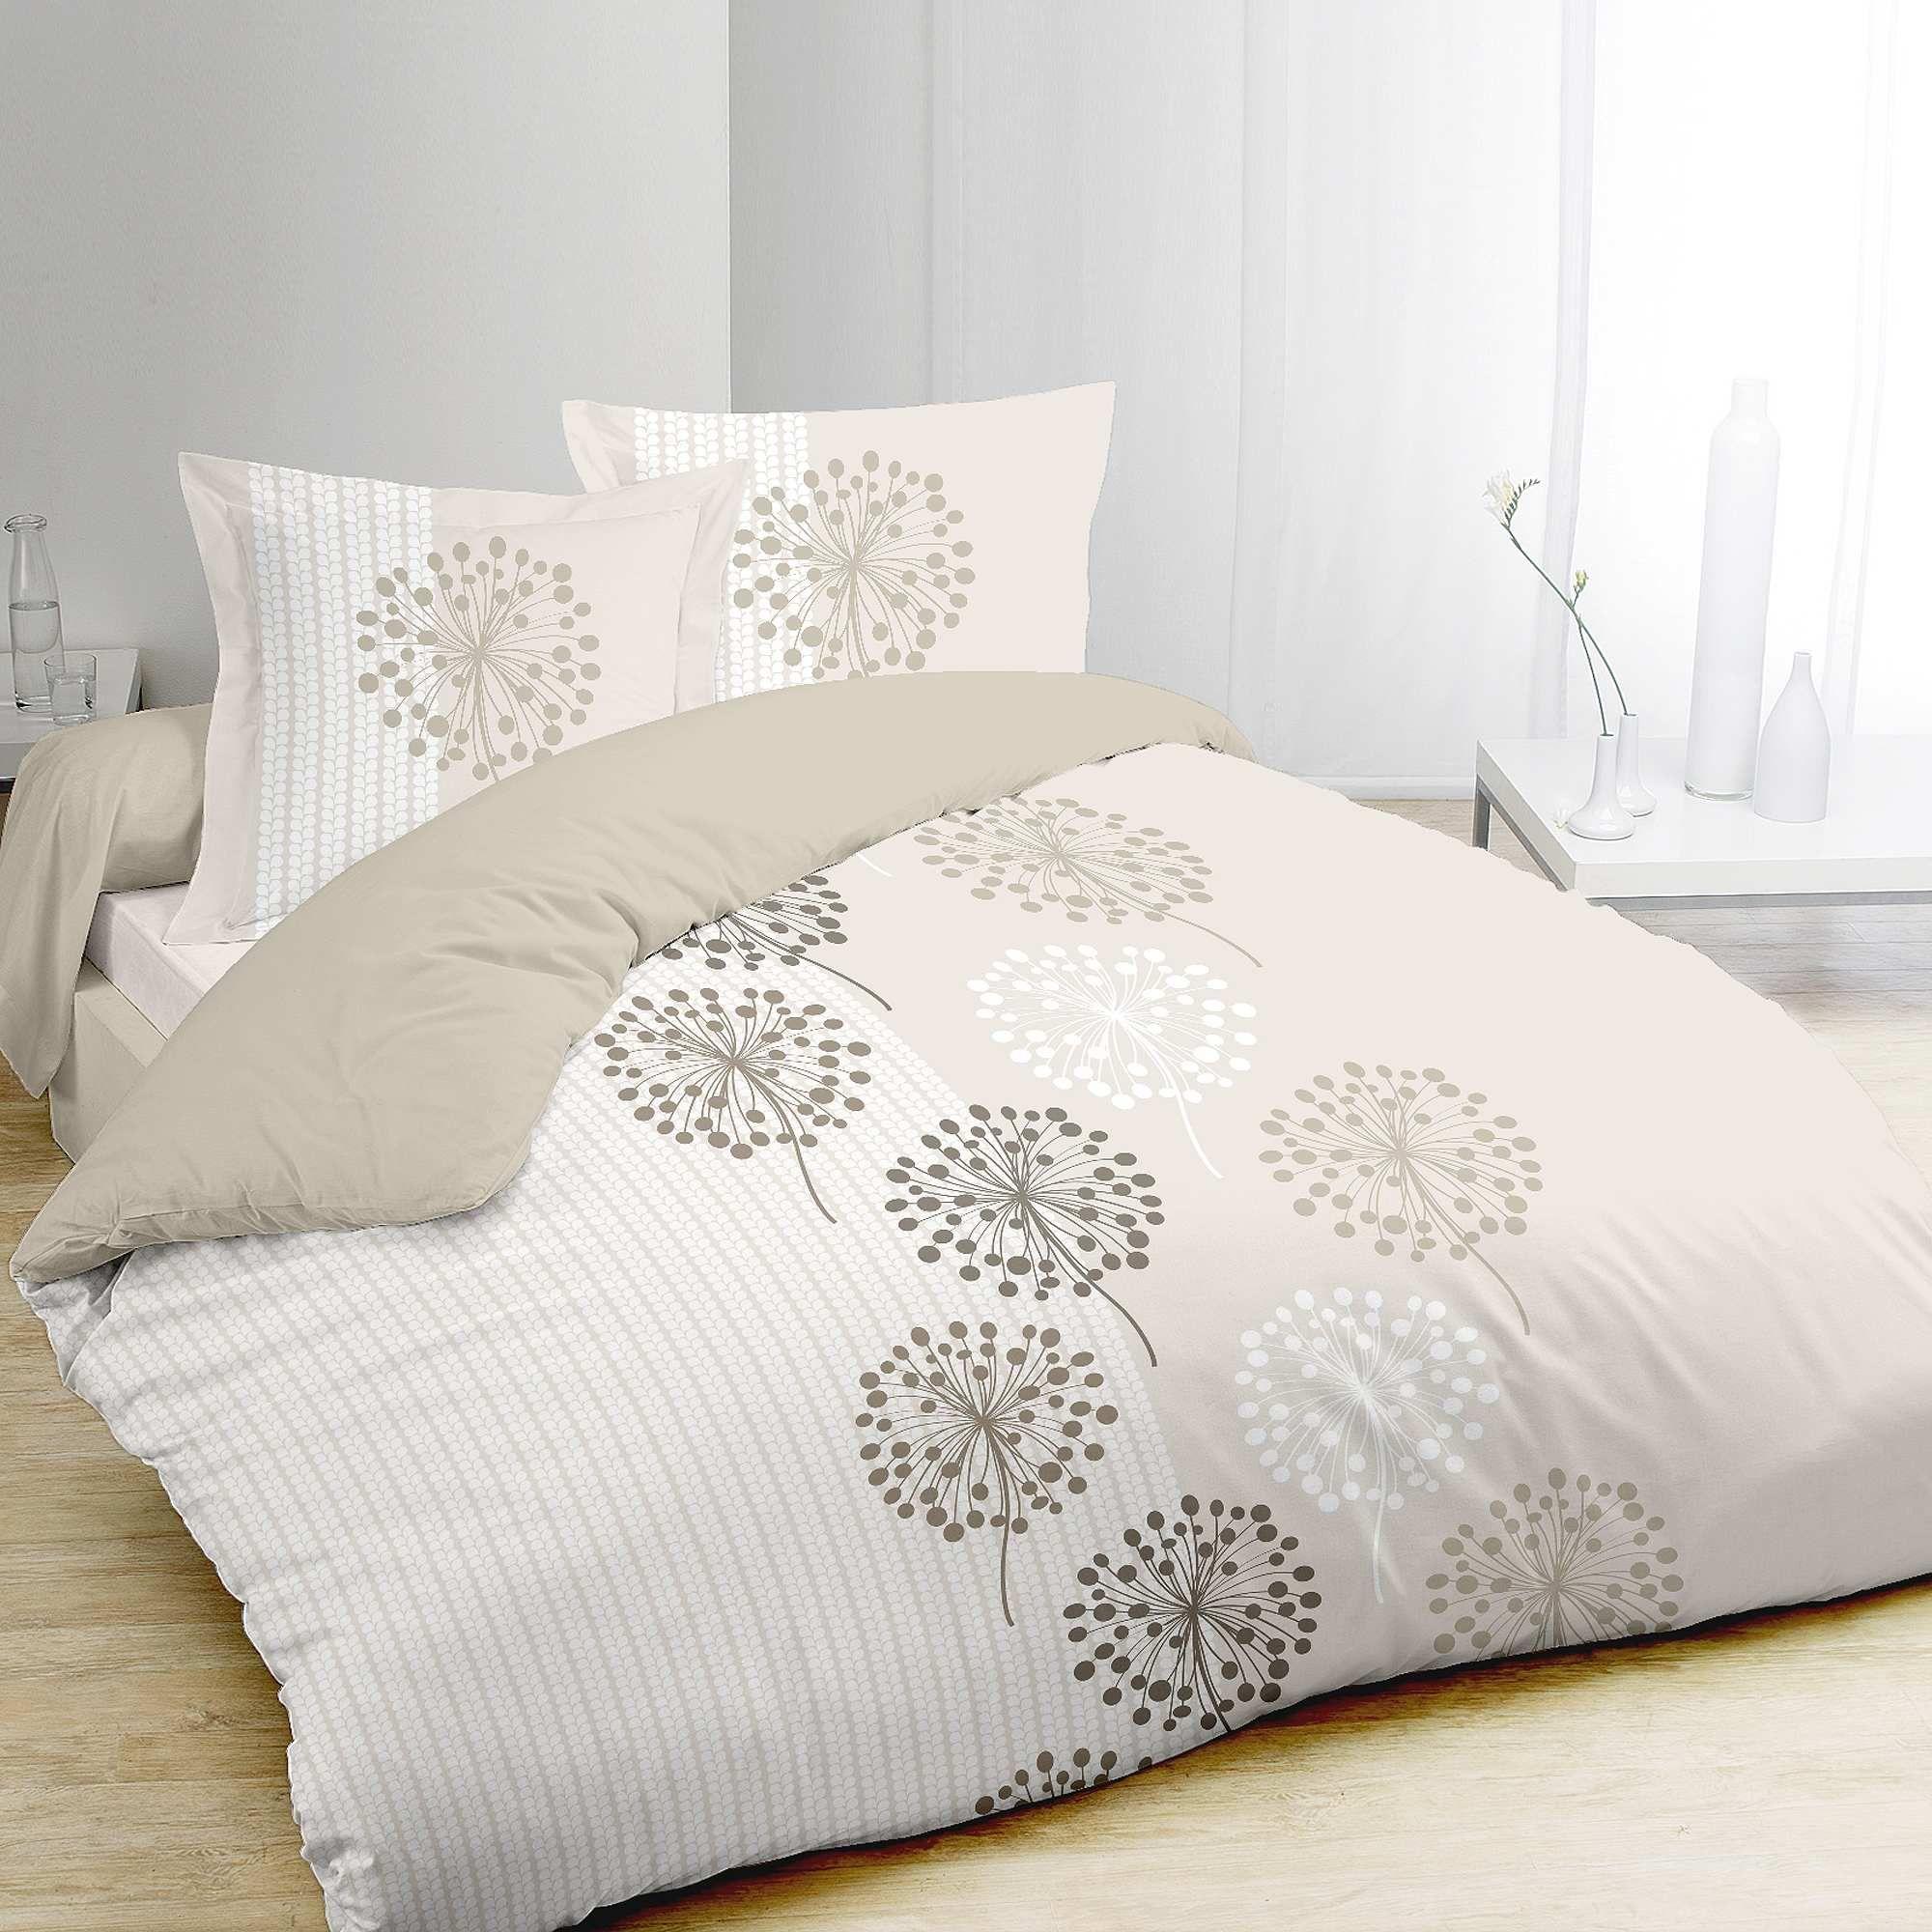 Dar d co vous propose plusieurs marques de linge de maison luxe pour le confort de votre maison for Marque de drap de lit